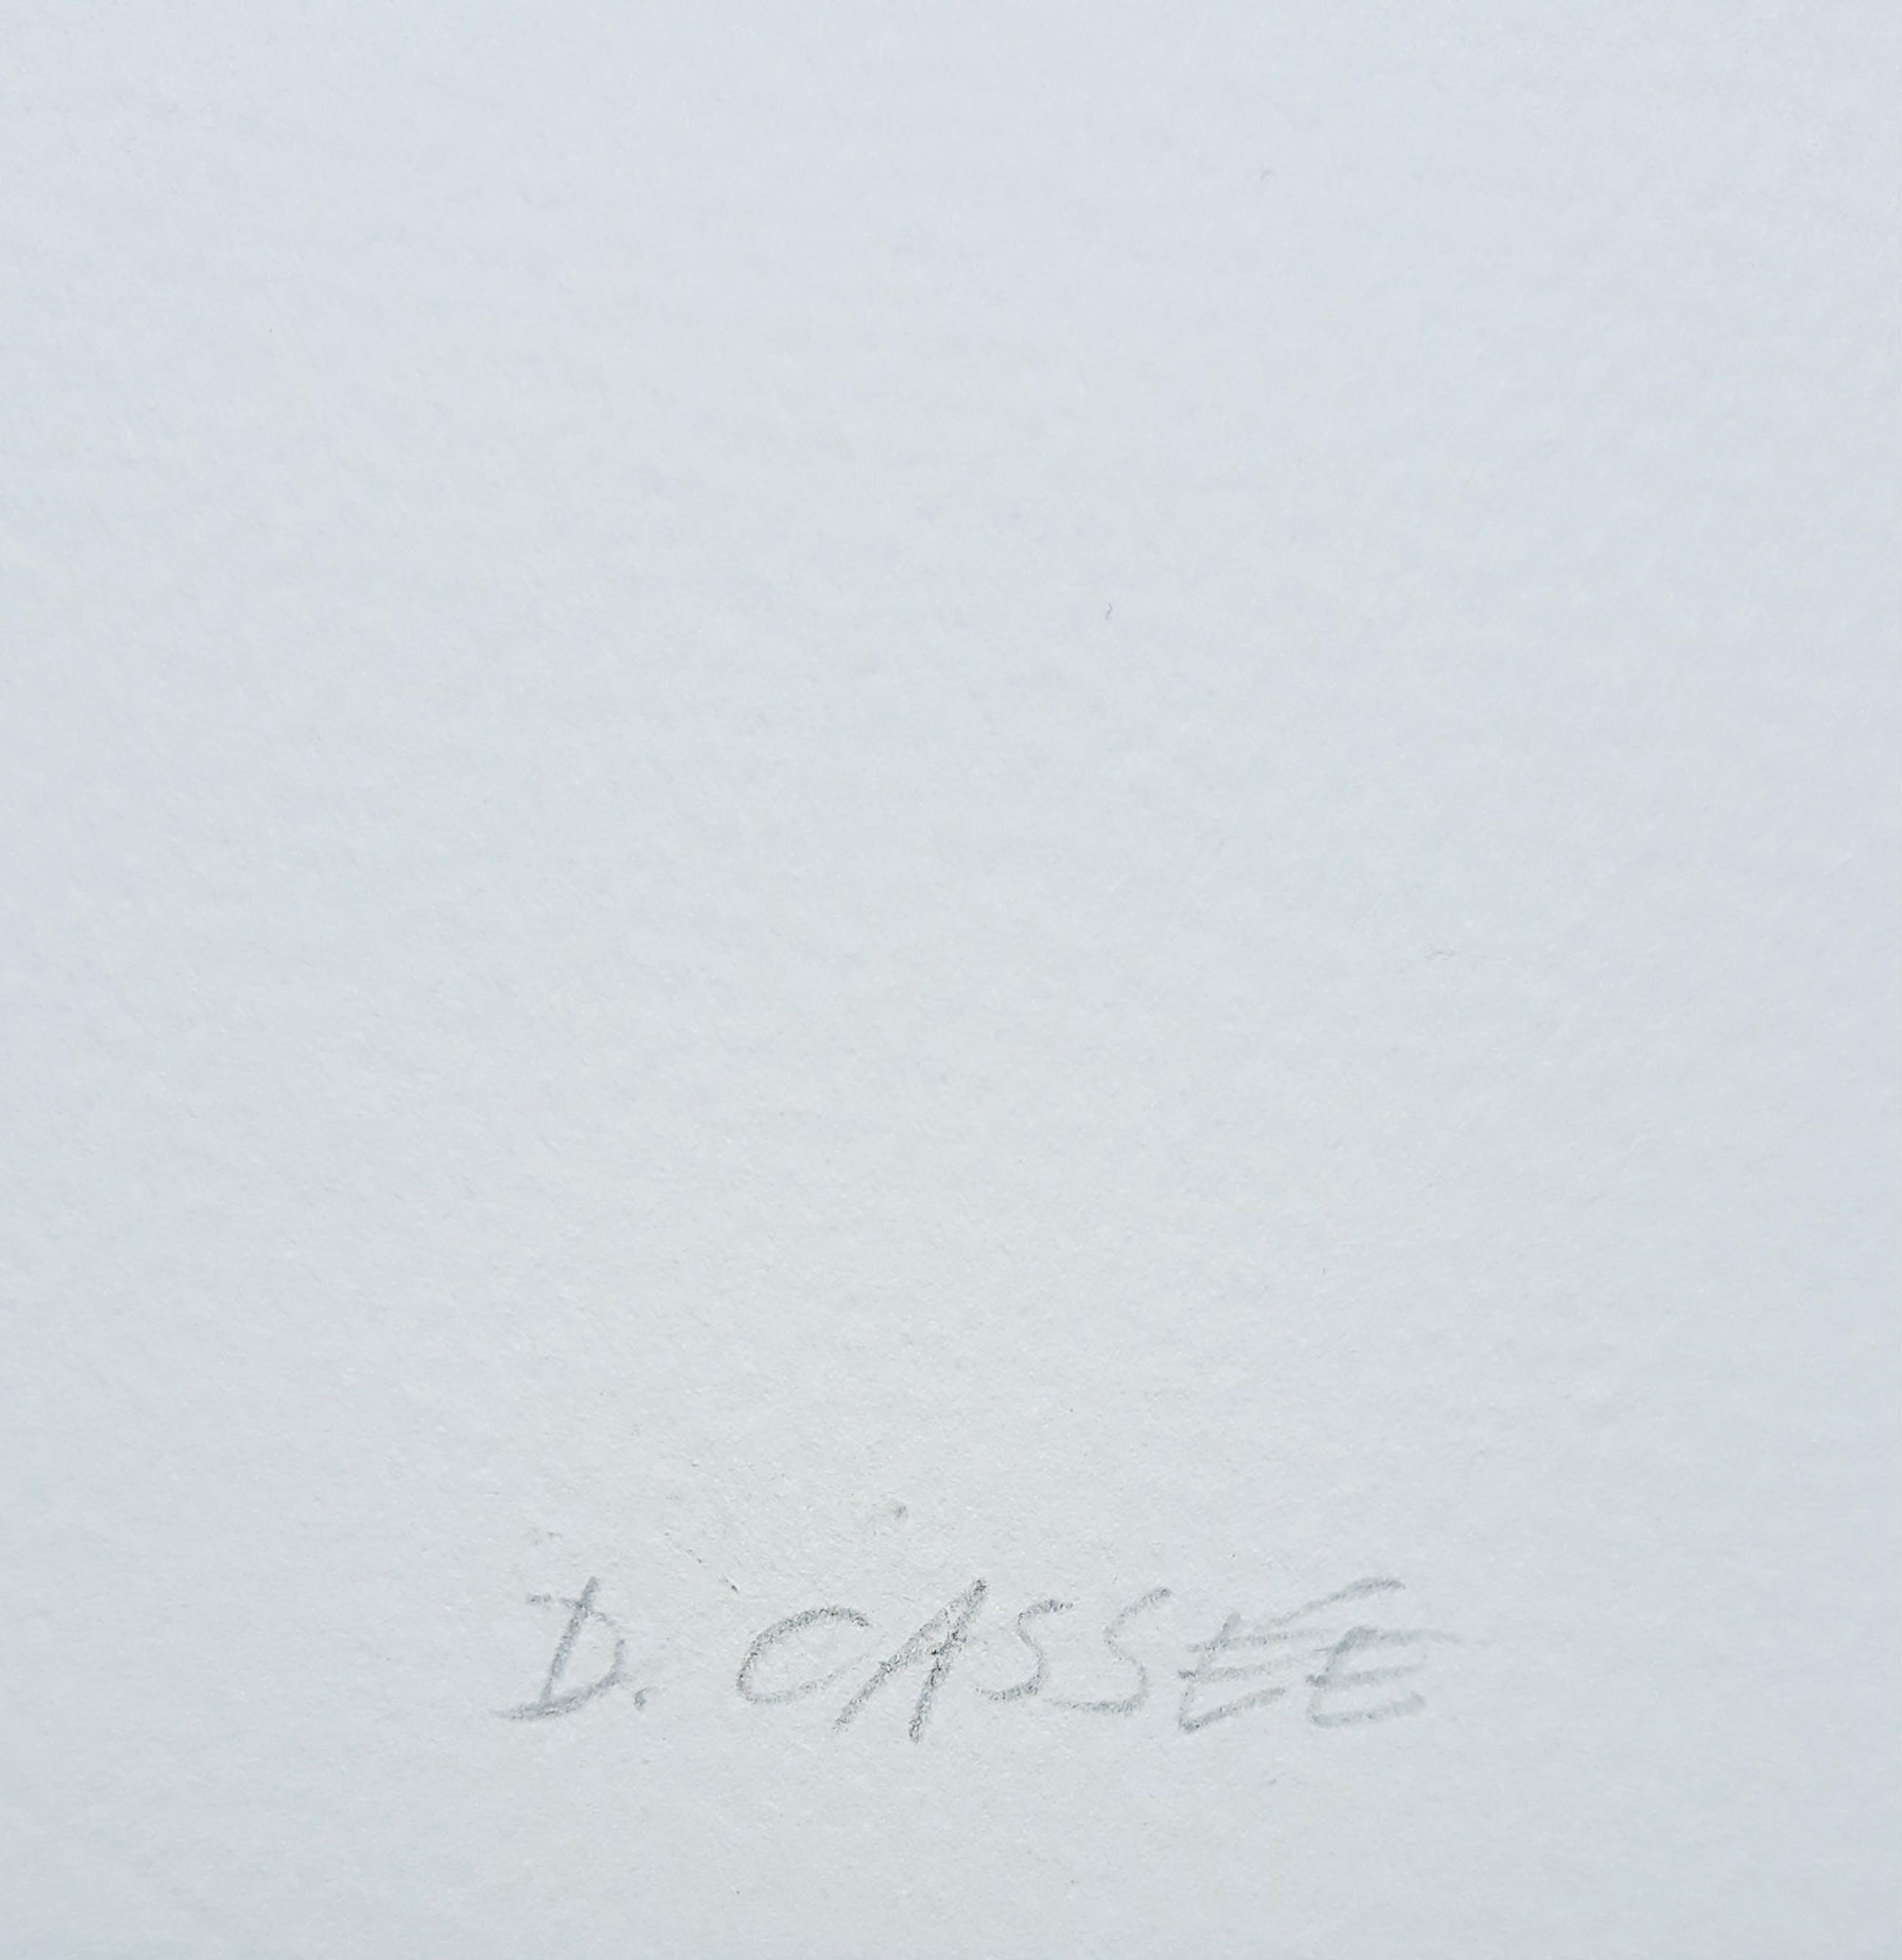 Dick Cassee - Registratie, metaaldruk (1983) kopen? Bied vanaf 50!